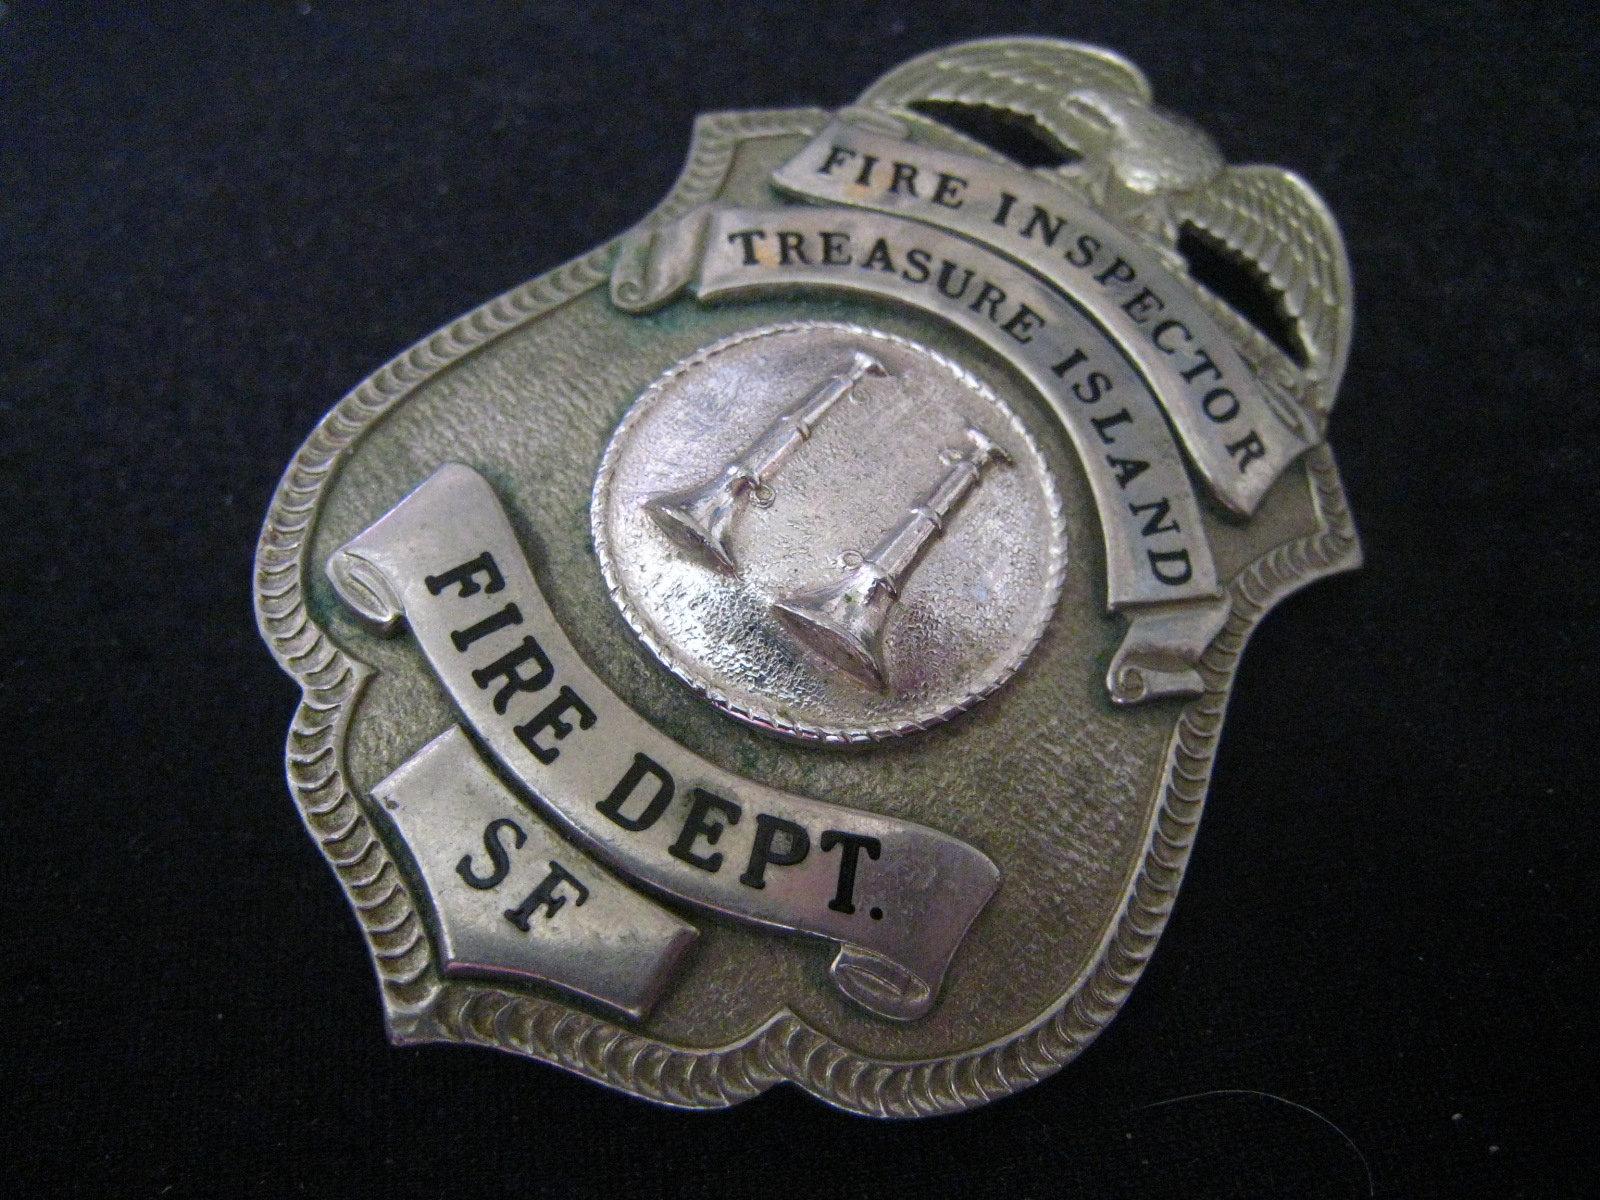 Badge FIRE INSPECTOR Treaure Island SAN FRANCISCO | antiquecollectibles